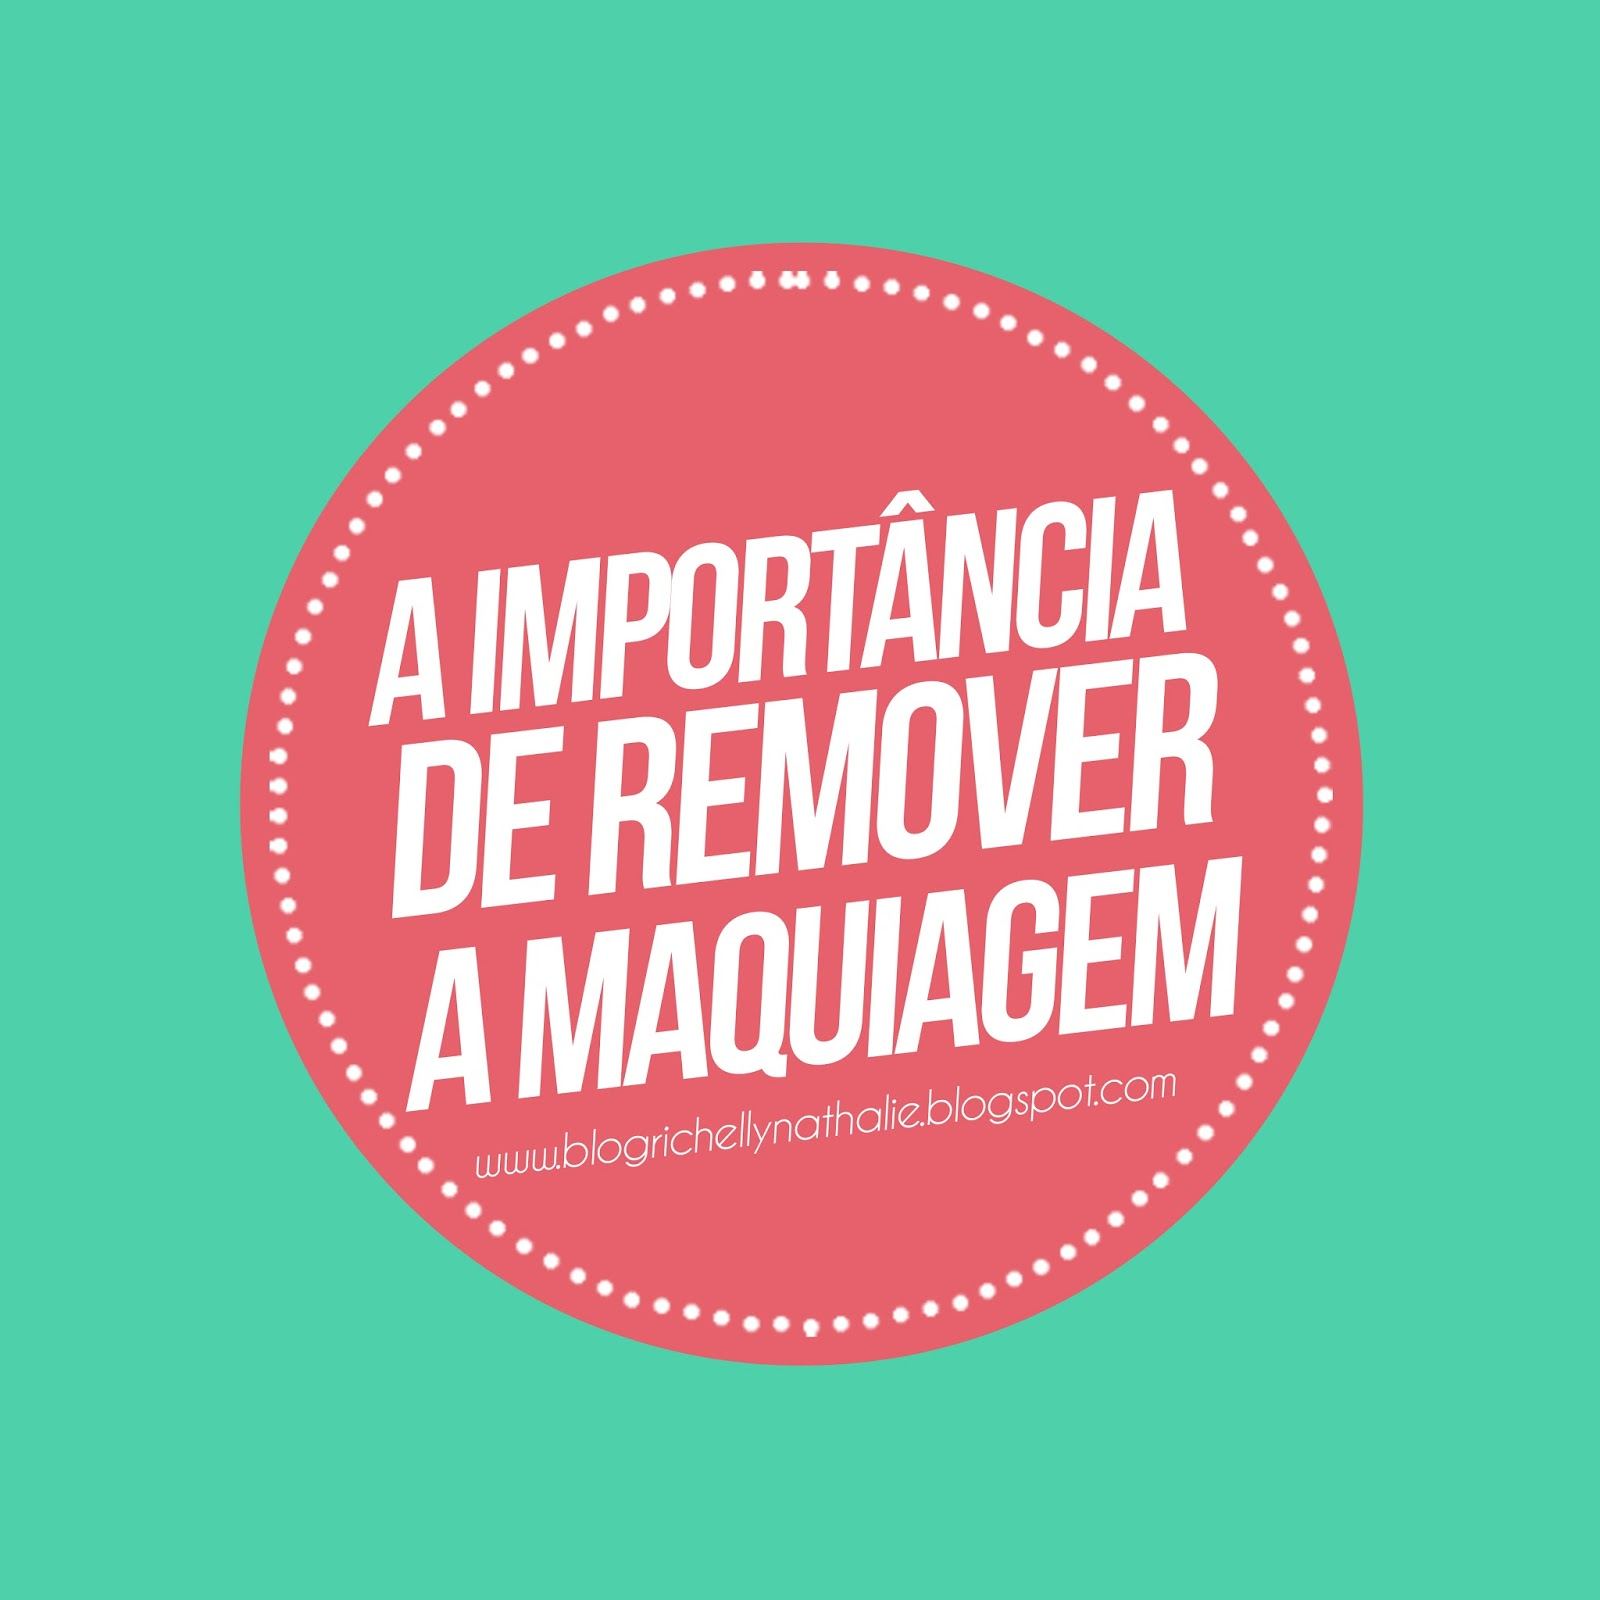 Famosos Você sabe a importância de remover a maquiagem? | Blog da Rich HS94